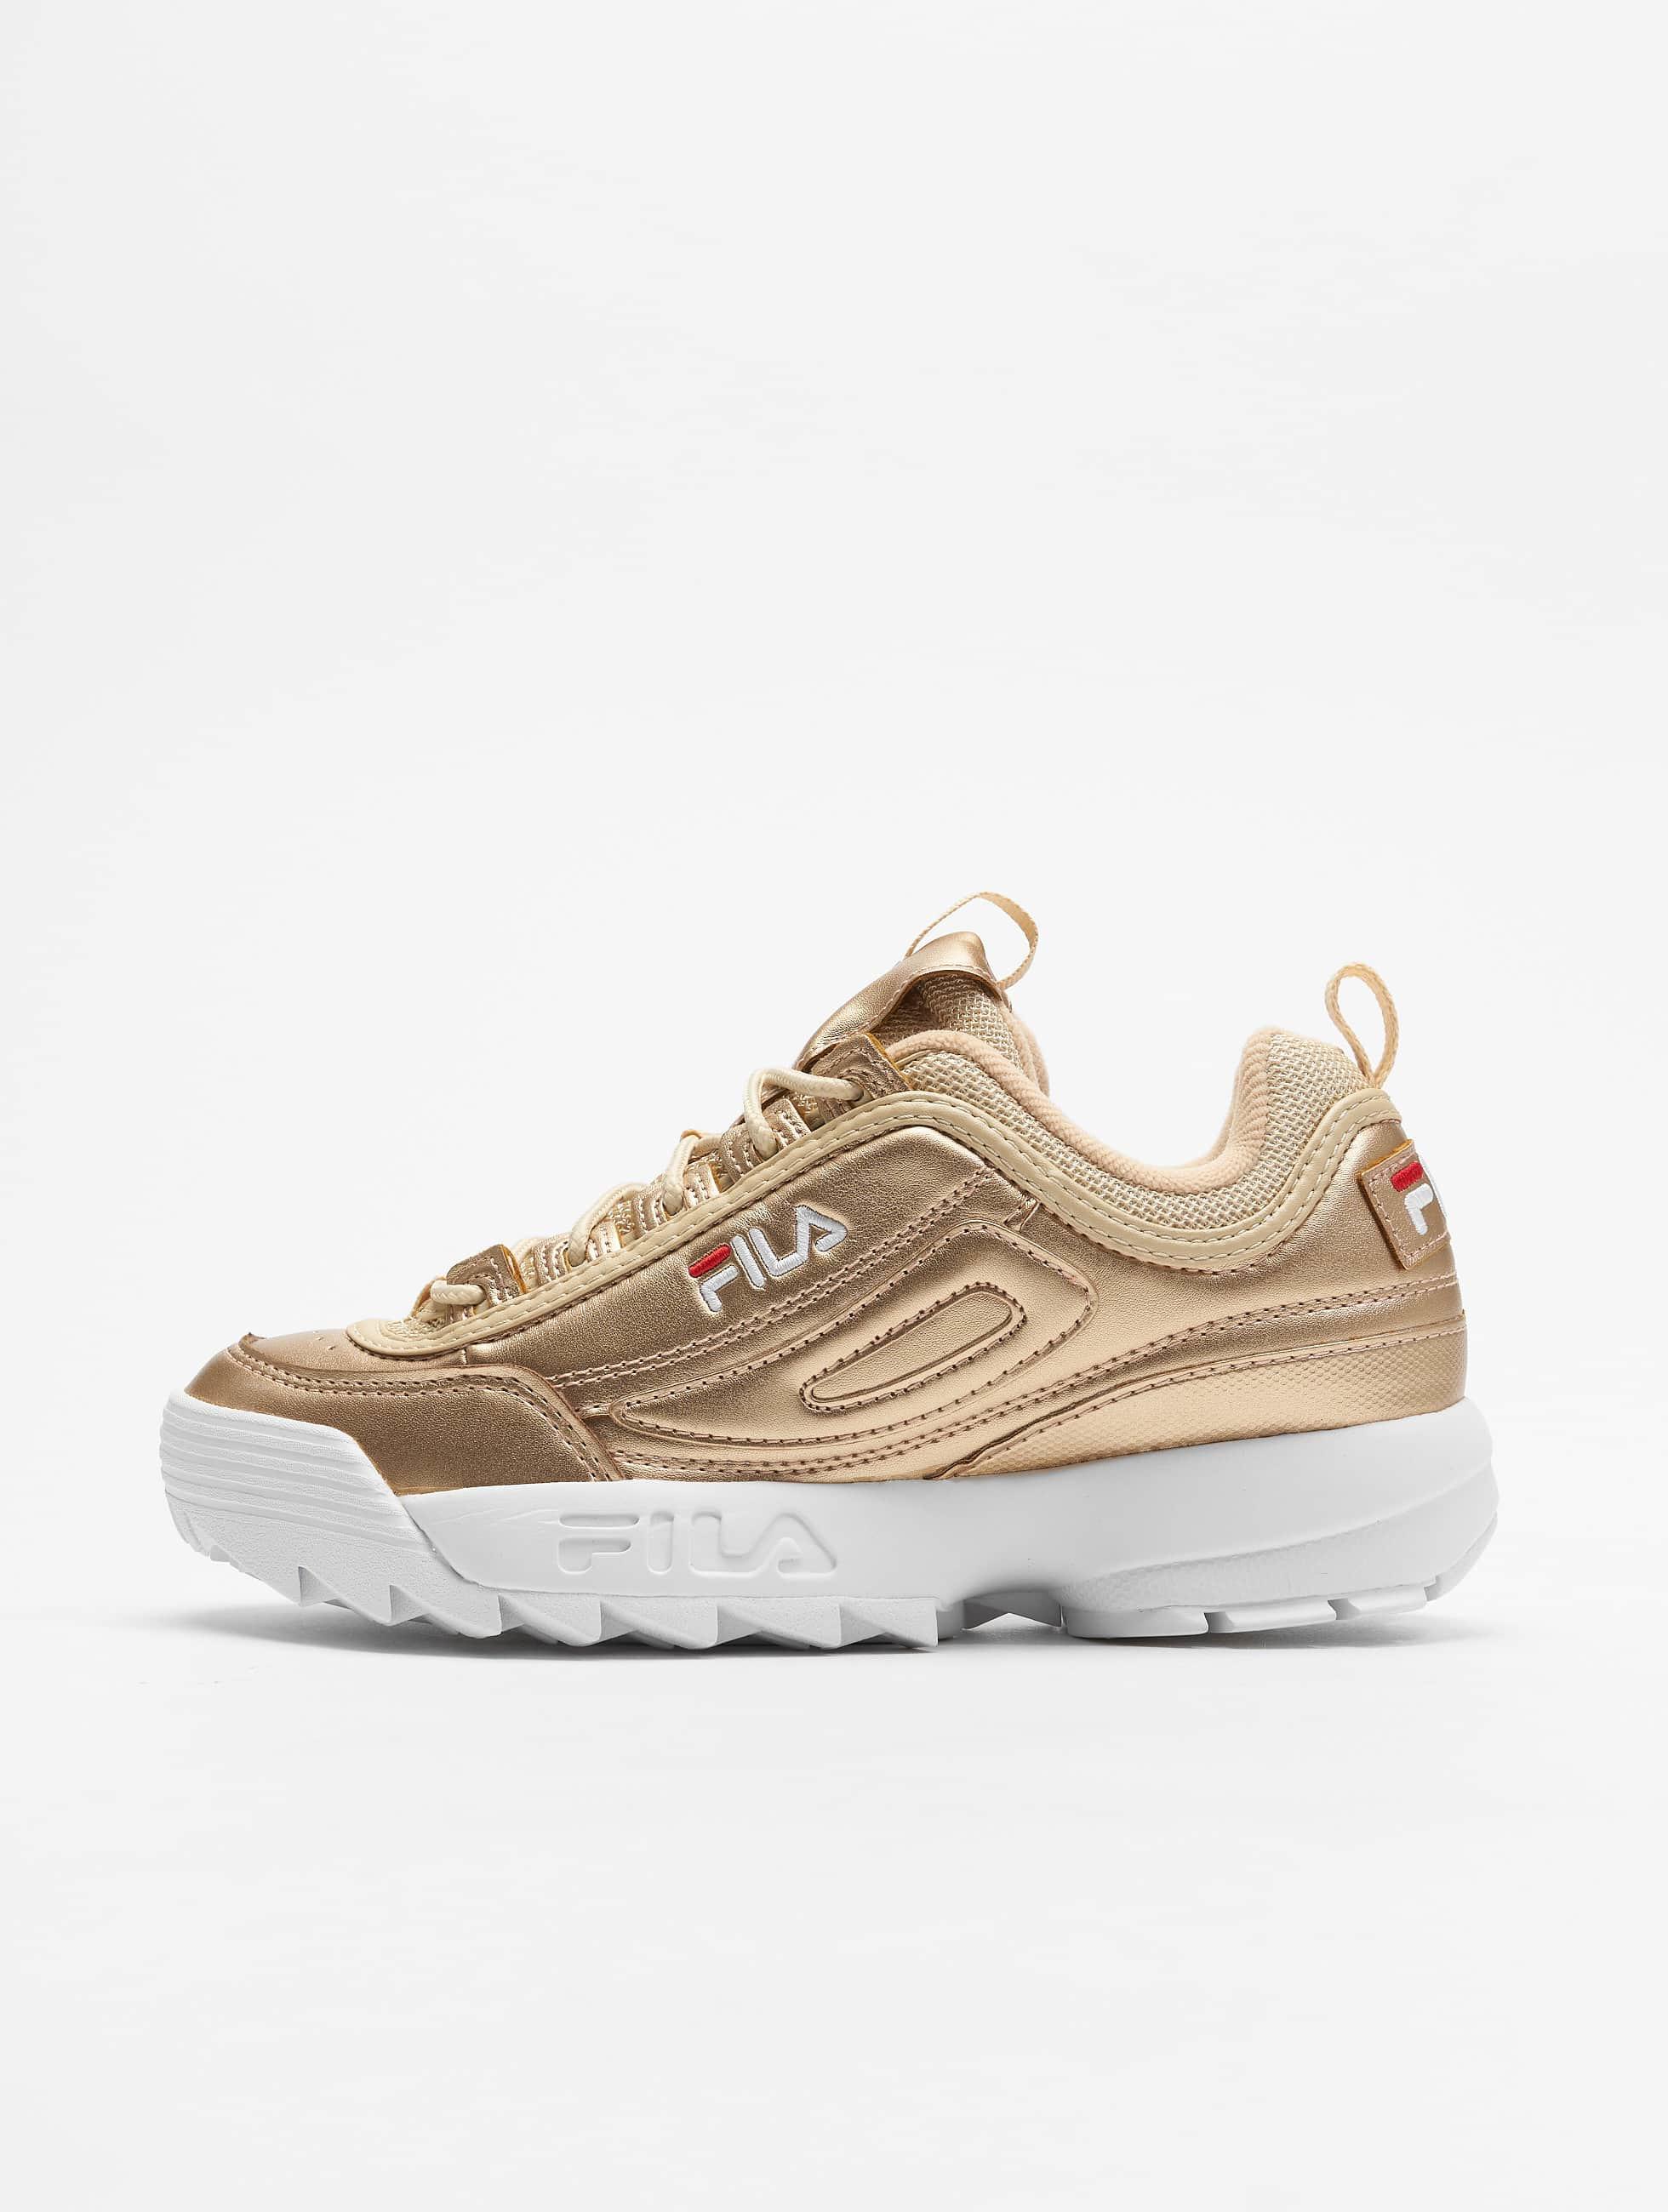 5d7319534a5 FILA schoen / sneaker Heritage Disruptor MM in goud 668470